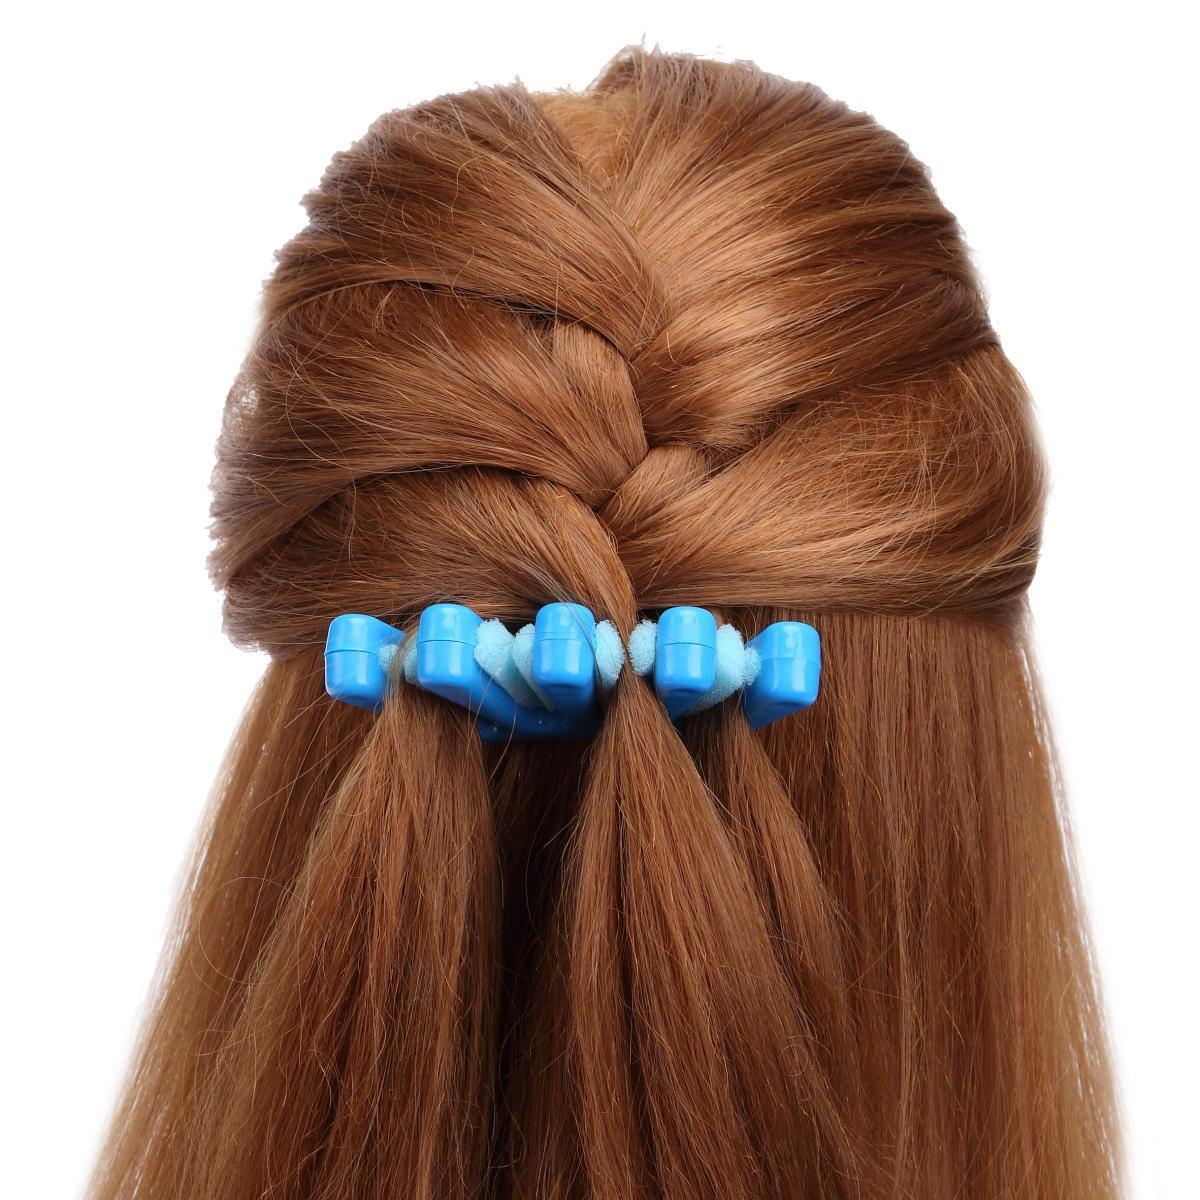 2 colori signora francese intrecciatura dei capelli strumento tessitura spugna intrecciatura dei capelli twist acconciatura treccia accessori fai da te